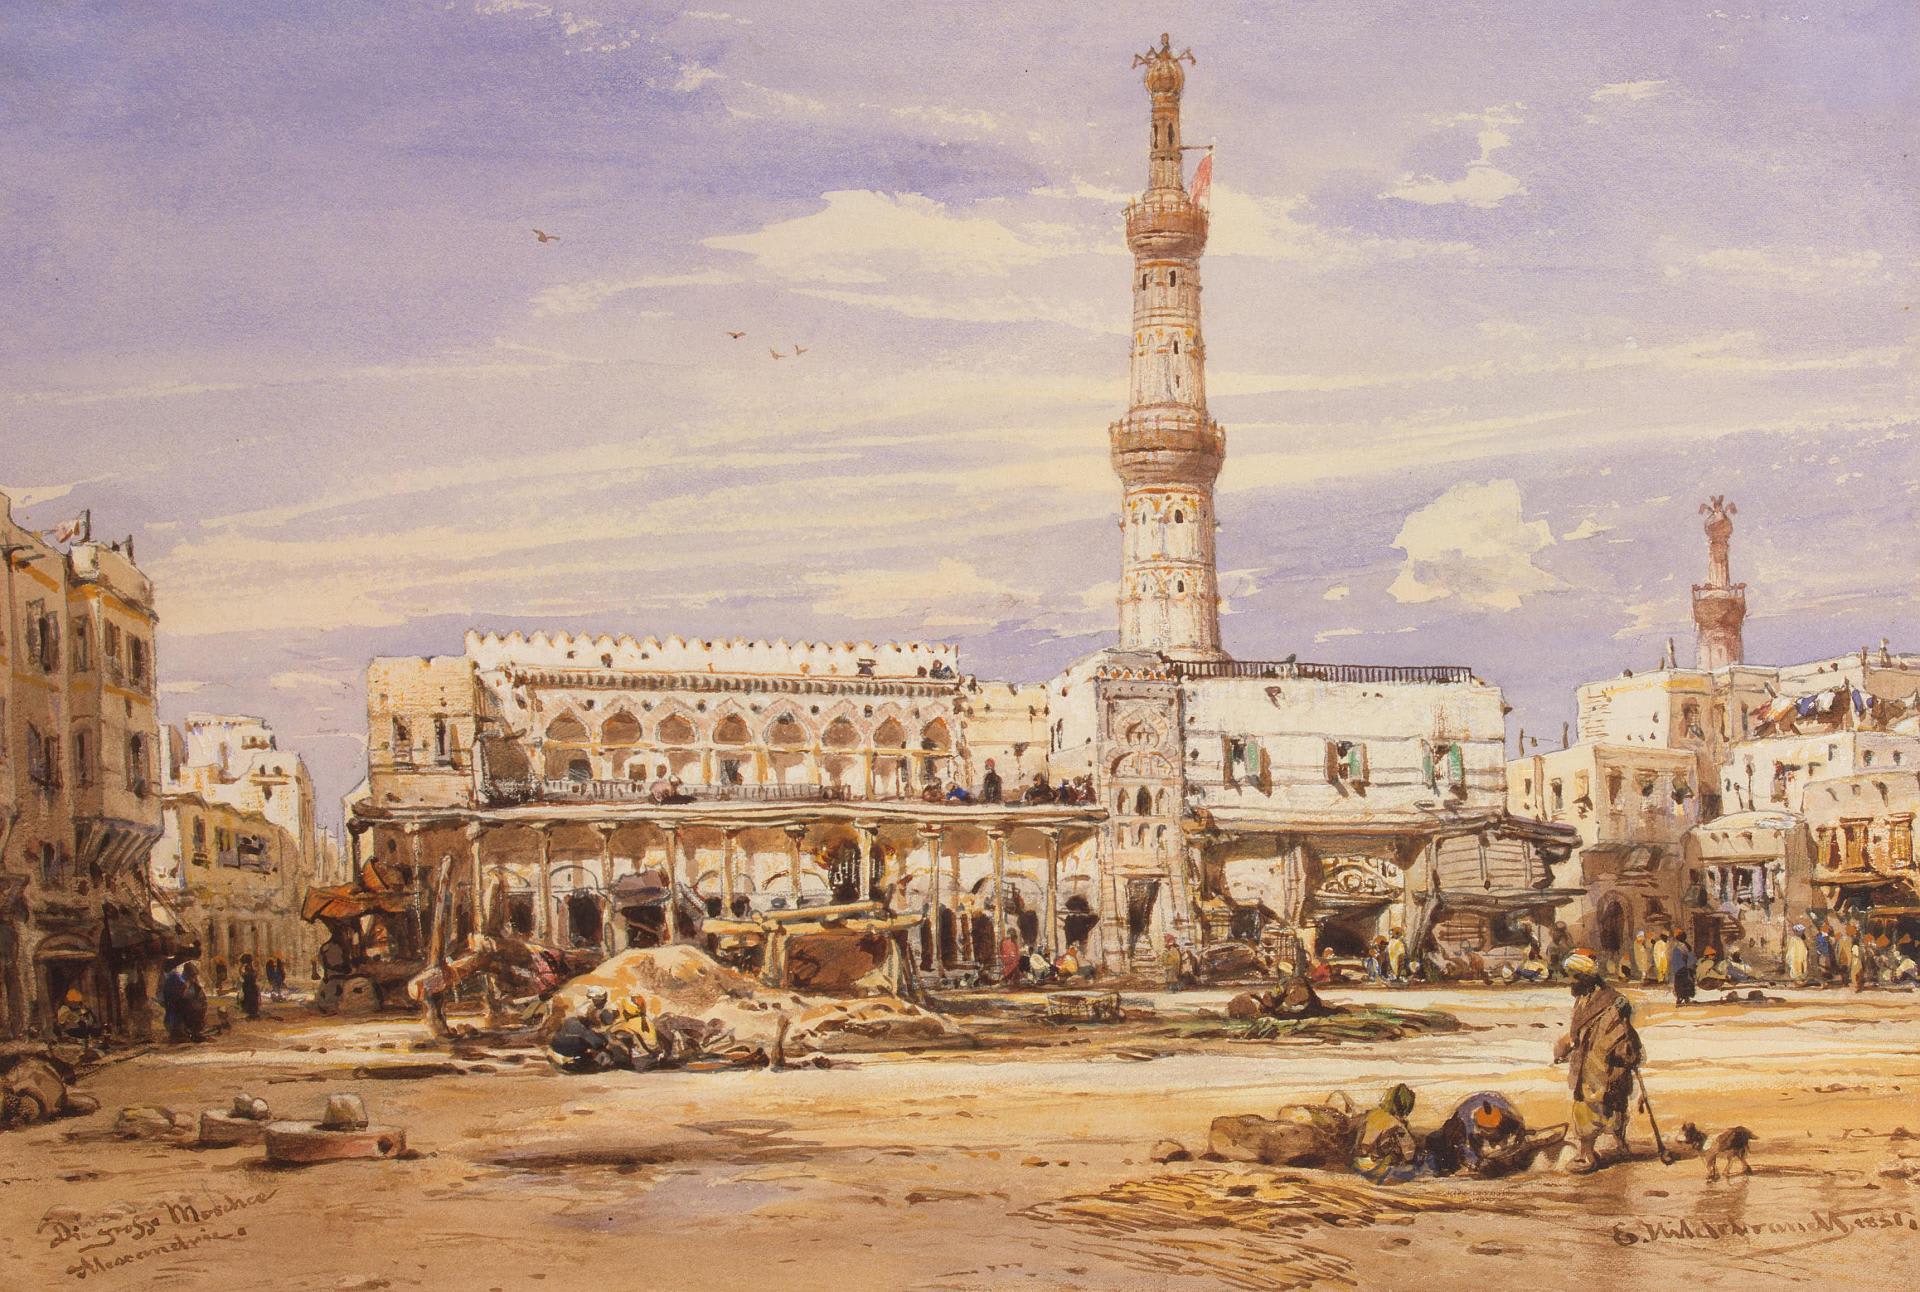 Александрия, Египет, 1851 год. Художник Eduard Hildebrandt